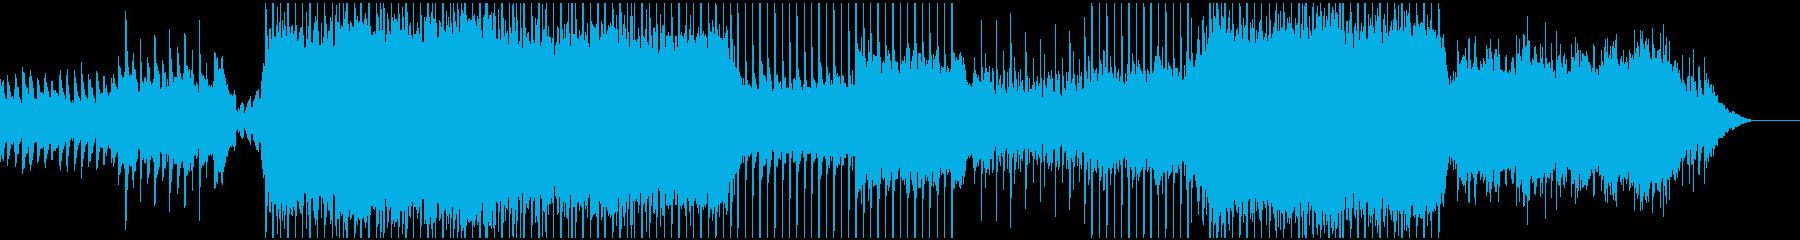 ポップ テクノ R&B アクティブ...の再生済みの波形